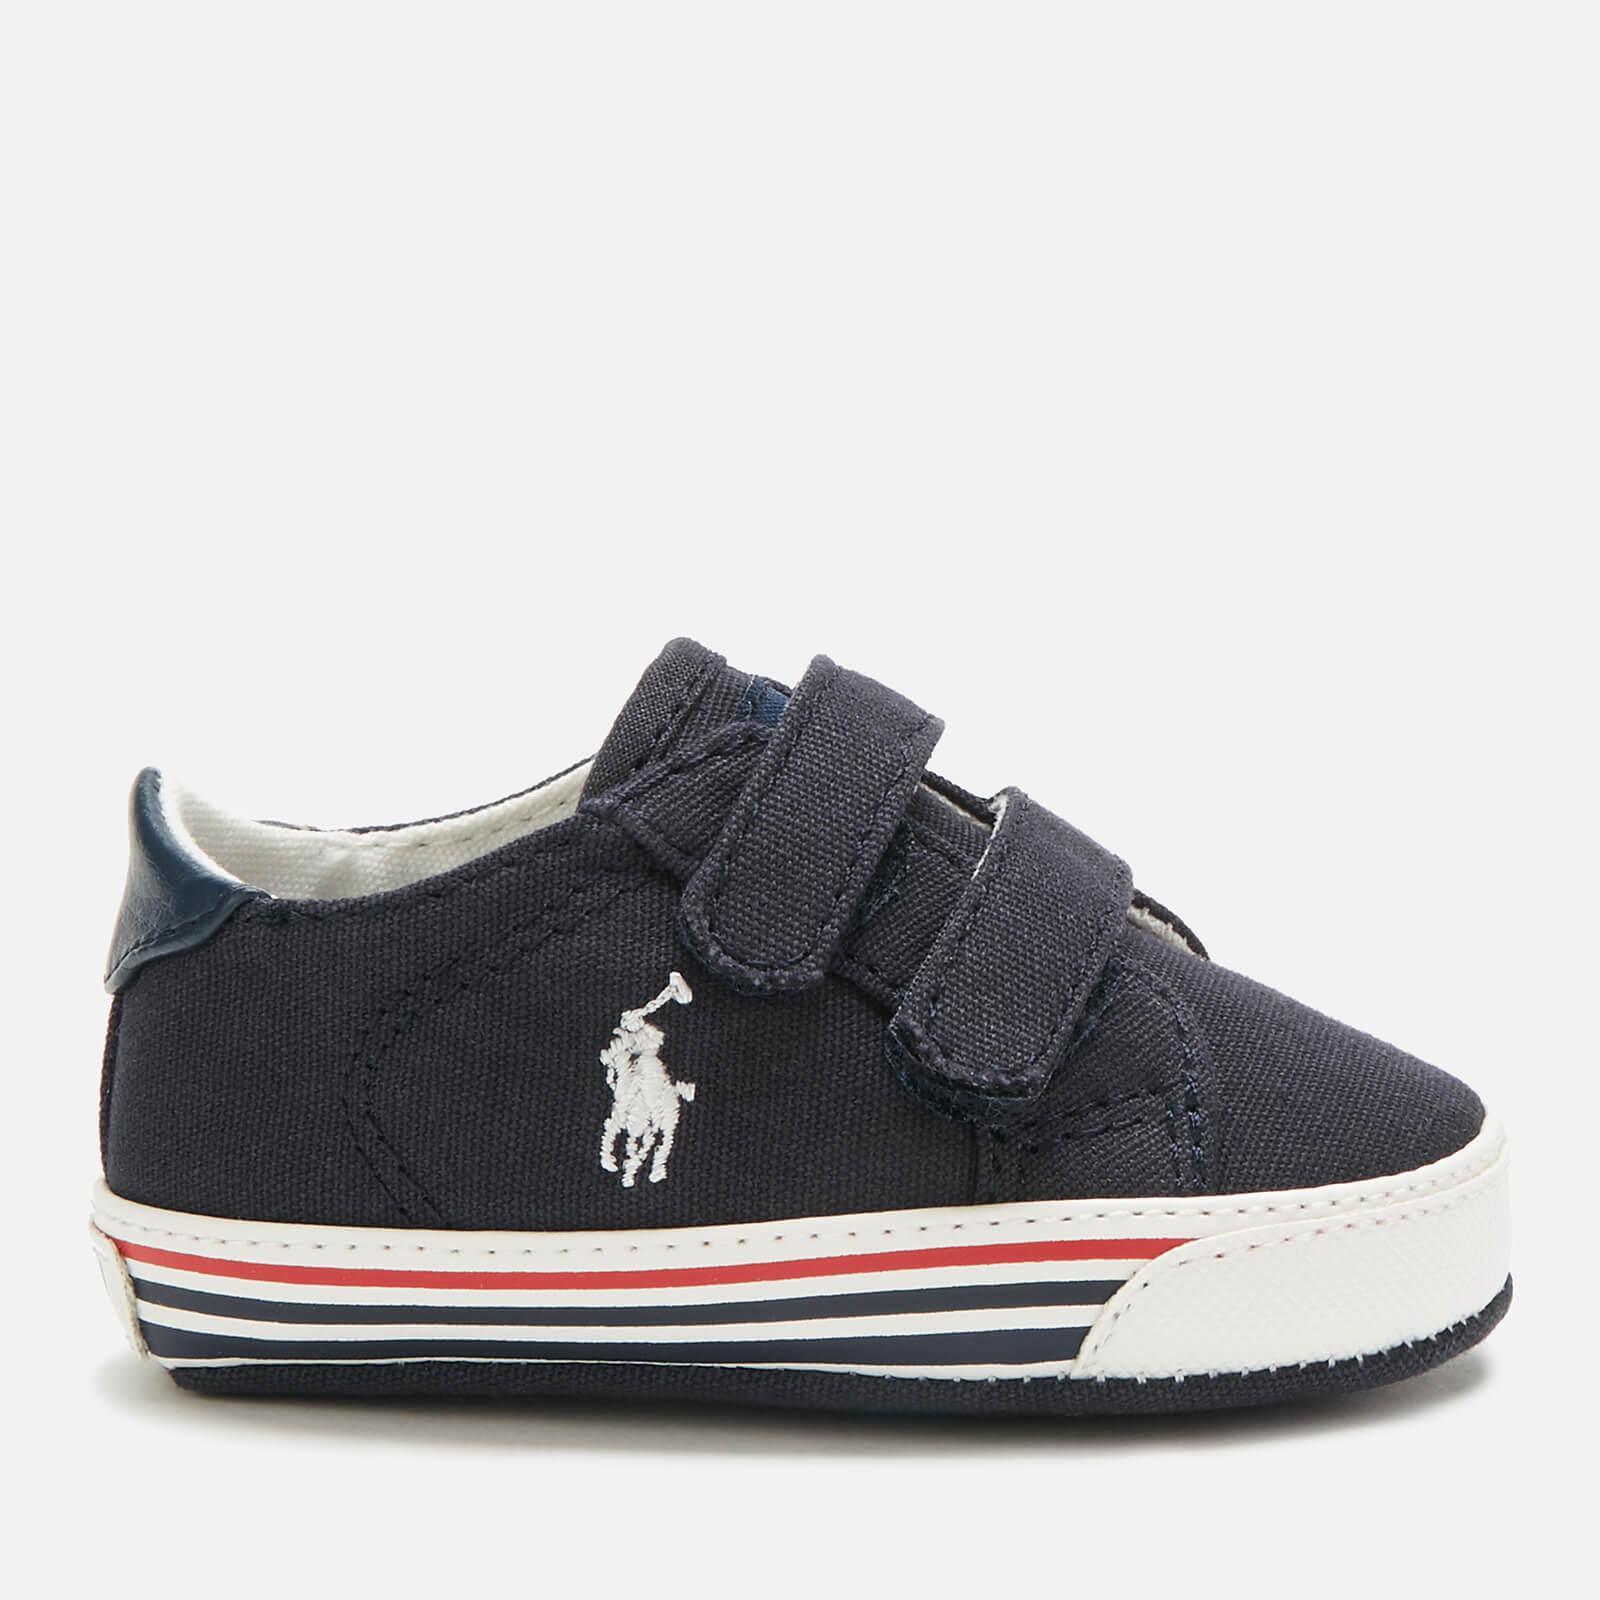 Ralph Lauren Polo Ralph Lauren Babies' Edgewood Ez Canvas Velcro Trainers - Navy/White PP - UK 2.5 Baby/EU 18 - Blue